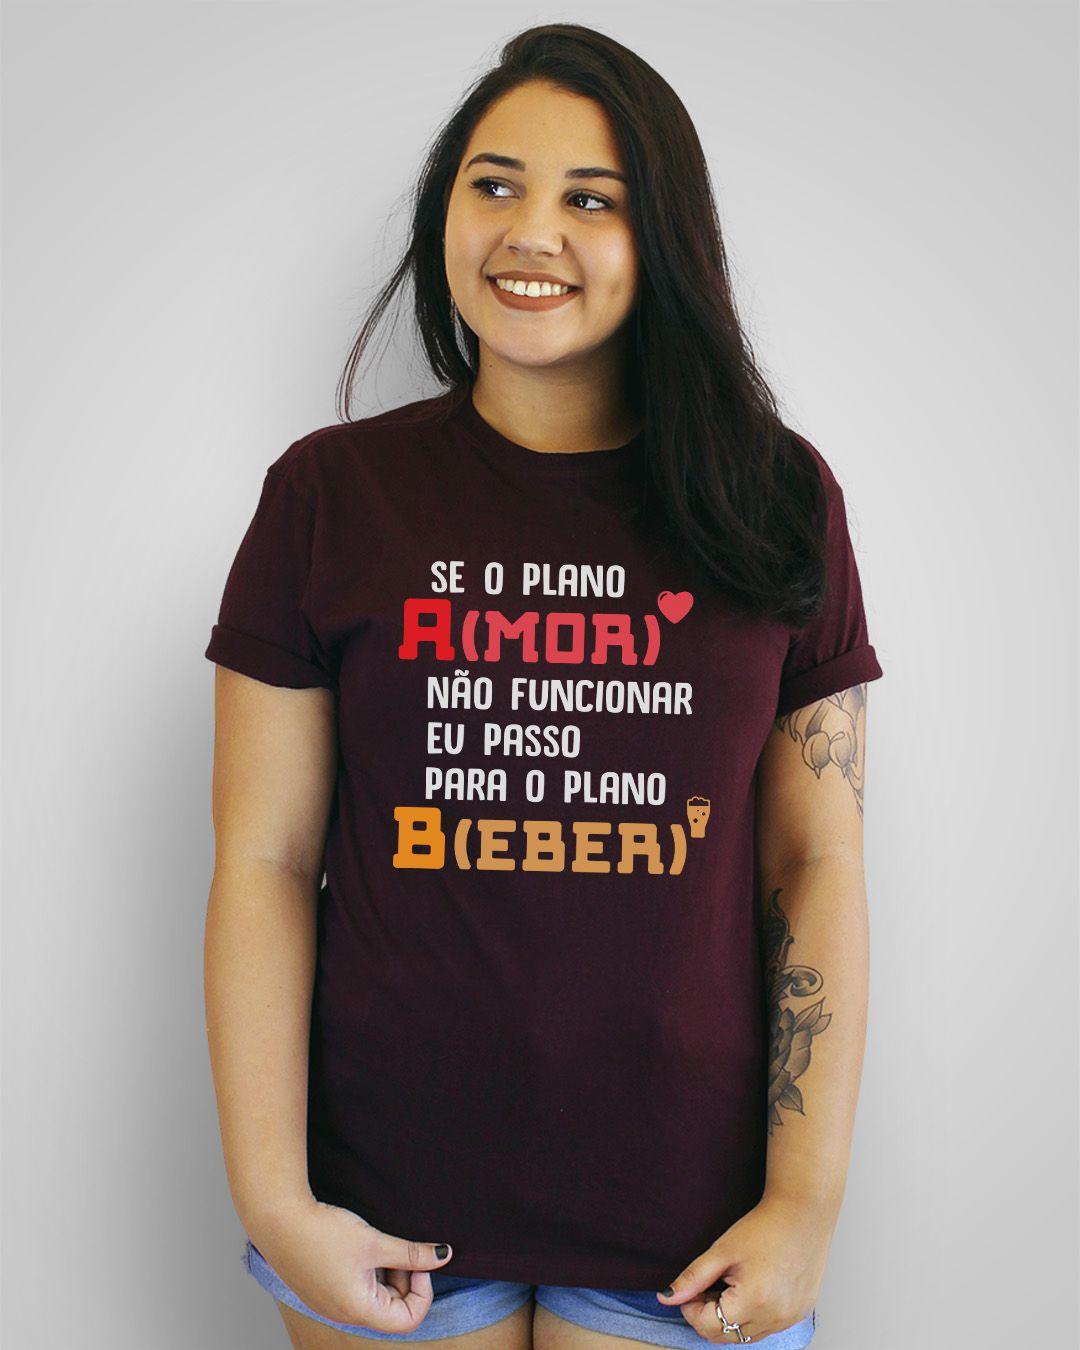 Camiseta Se o plano A(mor) não funcionar, eu passo para o plano B(eber)